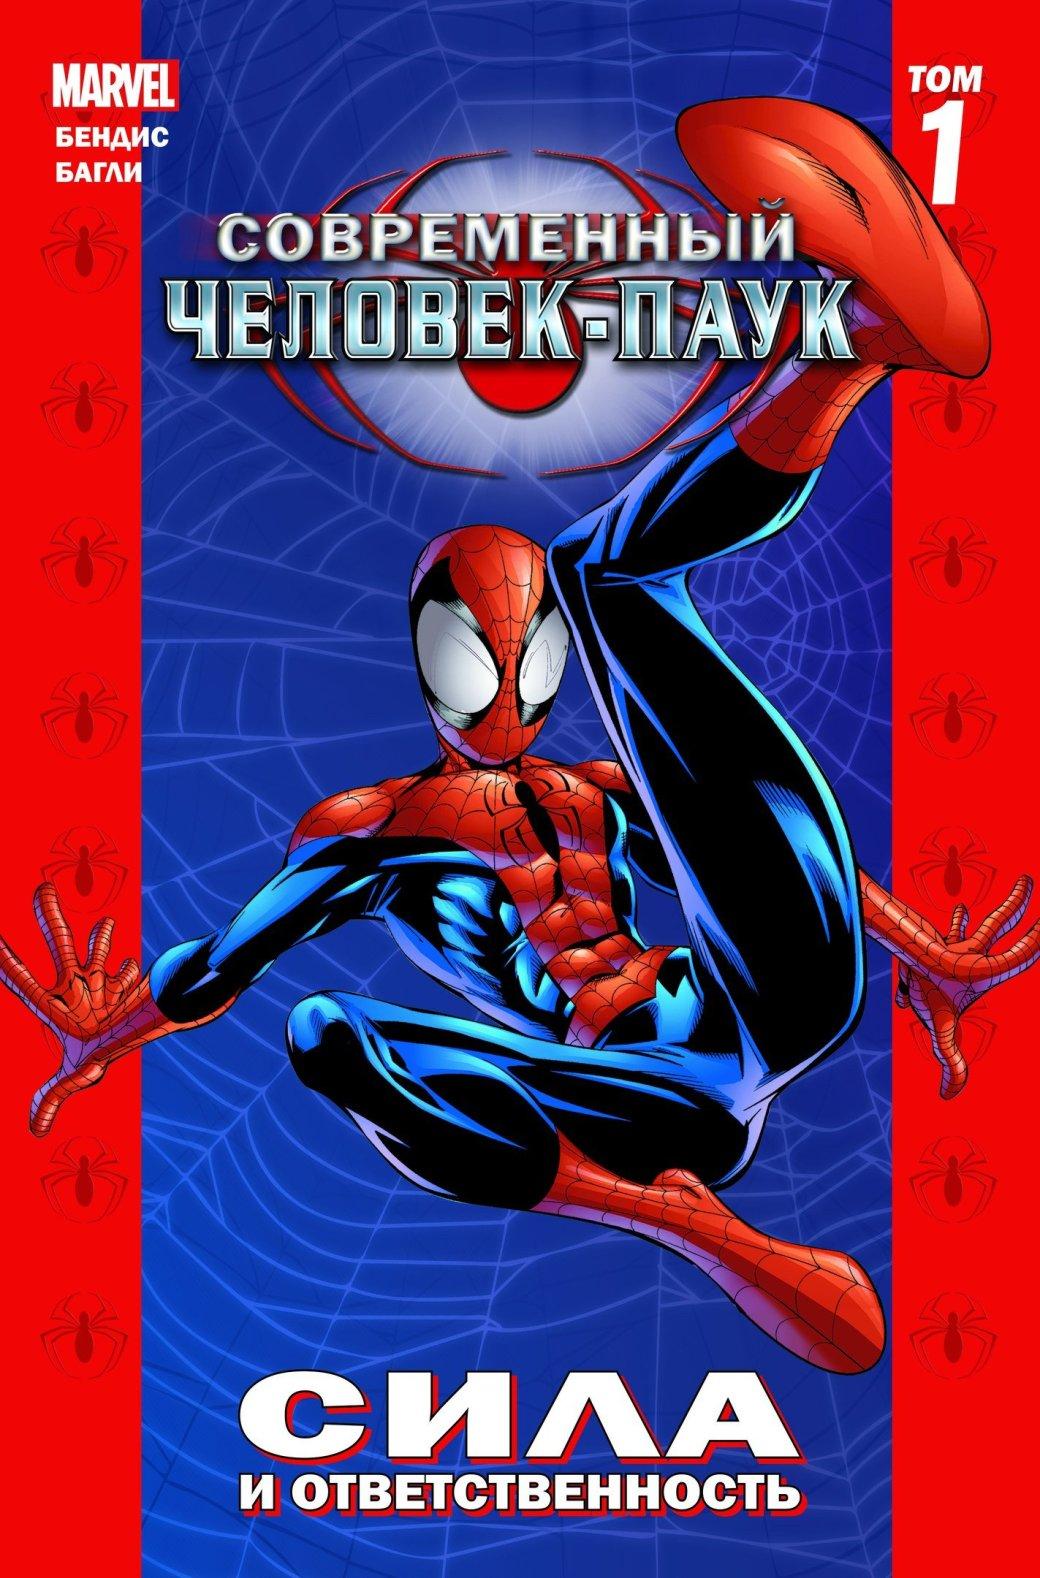 Одна из лучших историй про Человека-паука возвращается в Россию! | Канобу - Изображение 1077